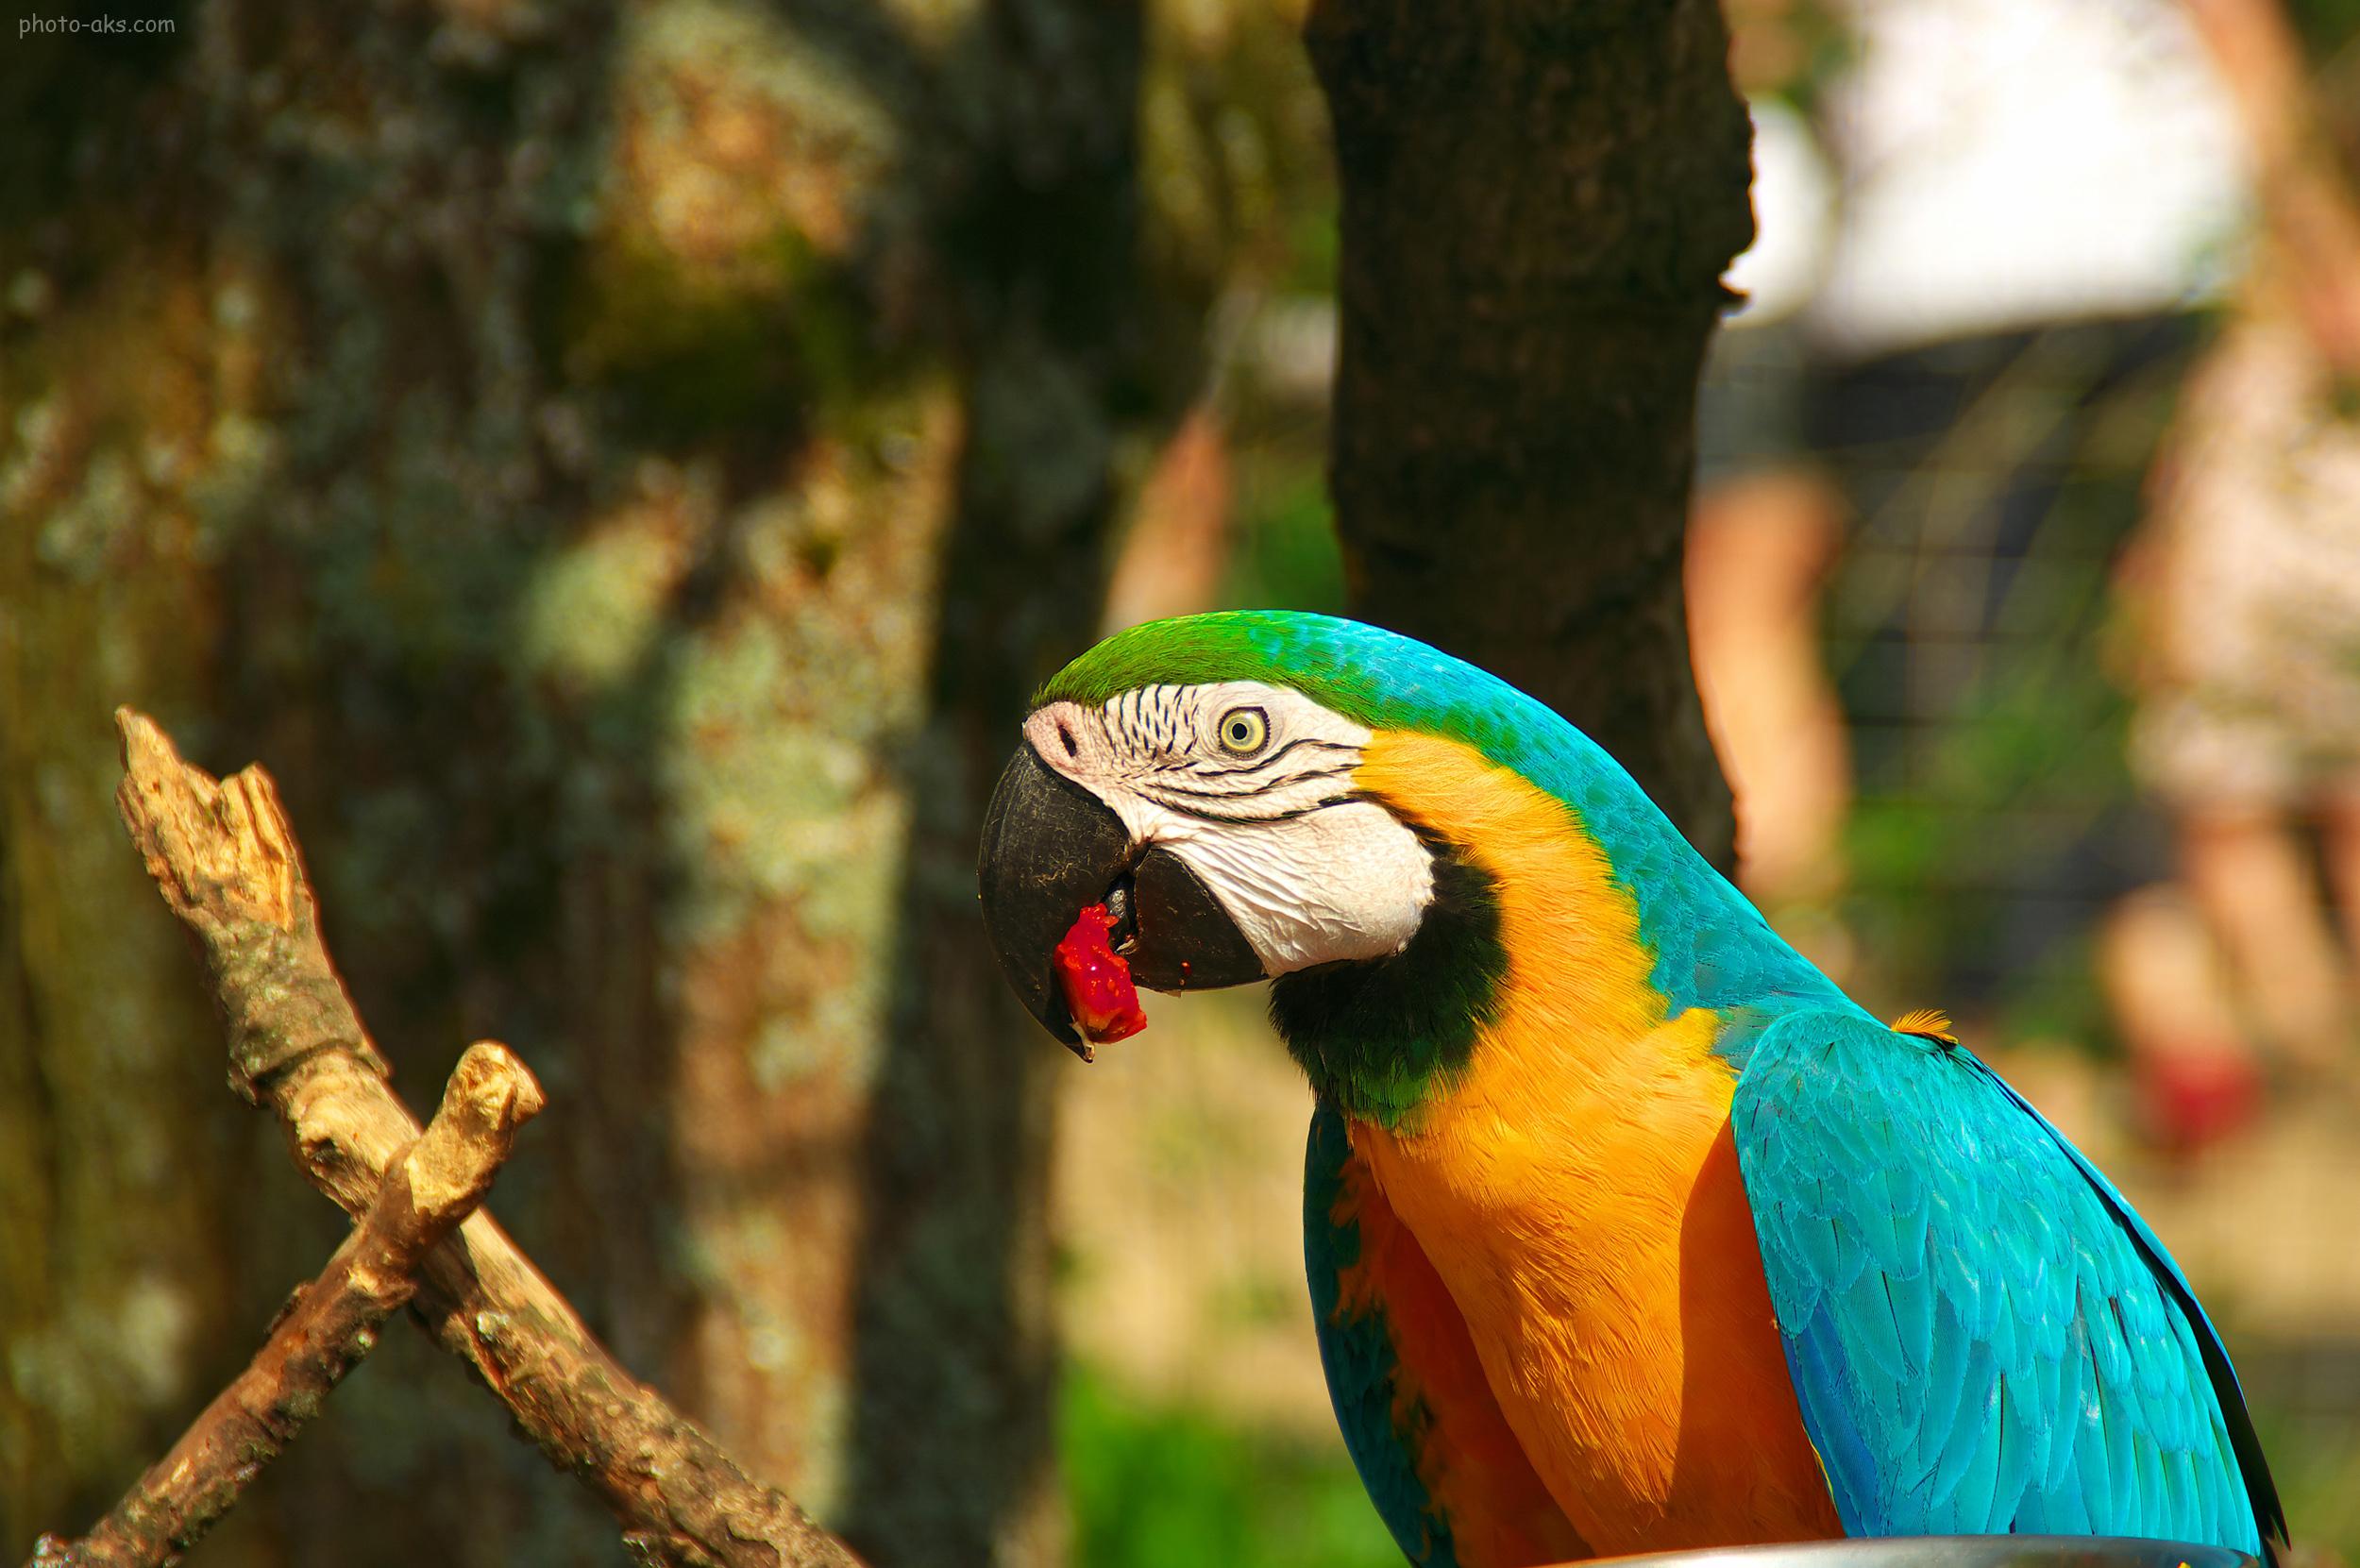 بیماری پرندگان چه علائمی دارد؟